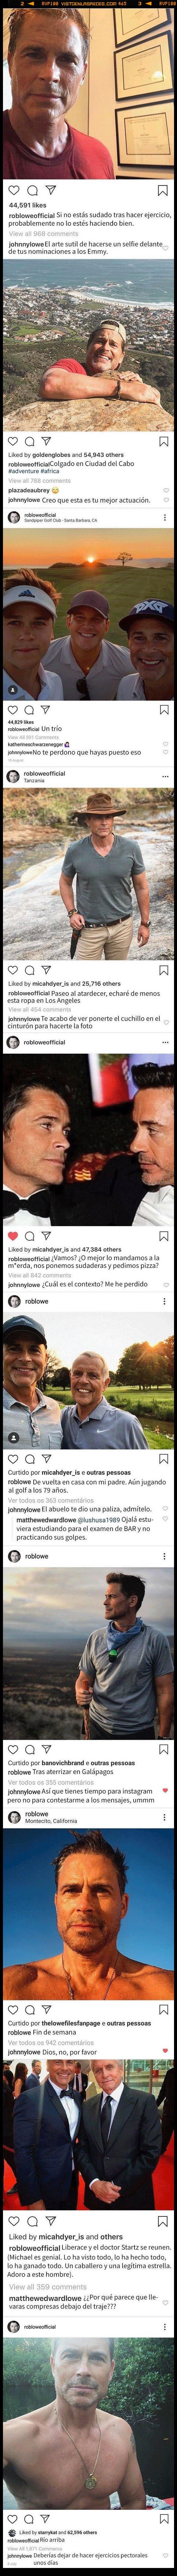 525748 - Los hijos de Rob Lowe se dedican a trollearle las fotos de Instagram y no podemos parar de leerles